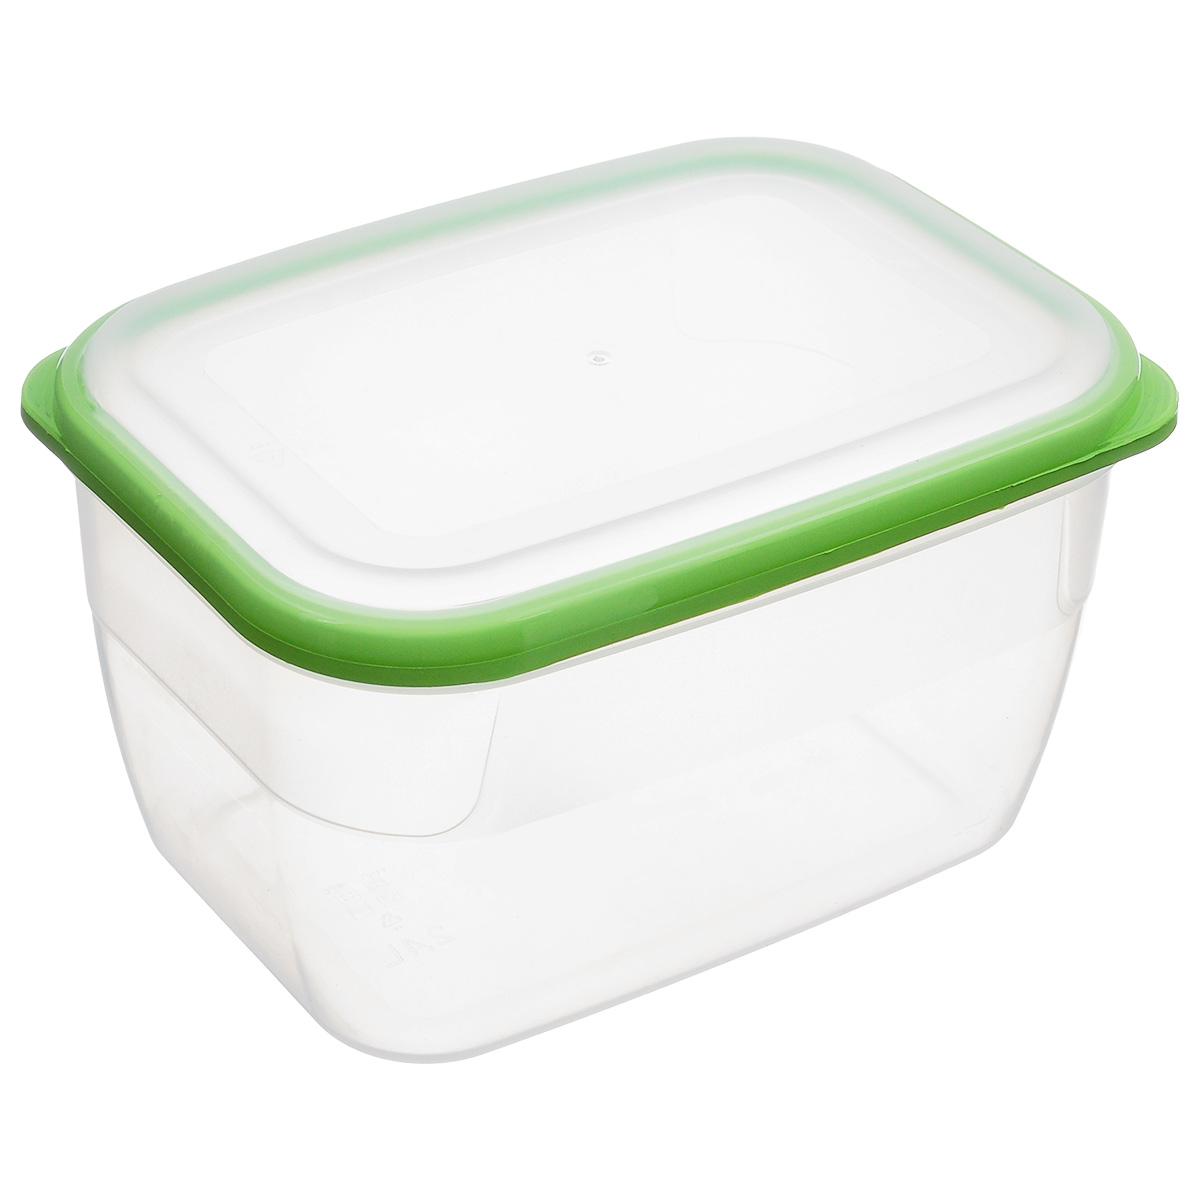 Контейнер Полимербыт Премиум, цвет: прозрачный, салатовый, 2,4 лС563_салатовый, прозрачныйКонтейнер Полимербыт Премиум прямоугольной формы, изготовленный из прочного пластика, предназначен специально для хранения пищевых продуктов. Крышка легко открывается и плотно закрывается.Контейнер устойчив к воздействию масел и жиров, легко моется. Прозрачные стенки позволяют видеть содержимое. Контейнер имеет возможность хранения продуктов глубокой заморозки, обладает высокой прочностью. Можно мыть в посудомоечной машине. Подходит для использования в микроволновых печах.